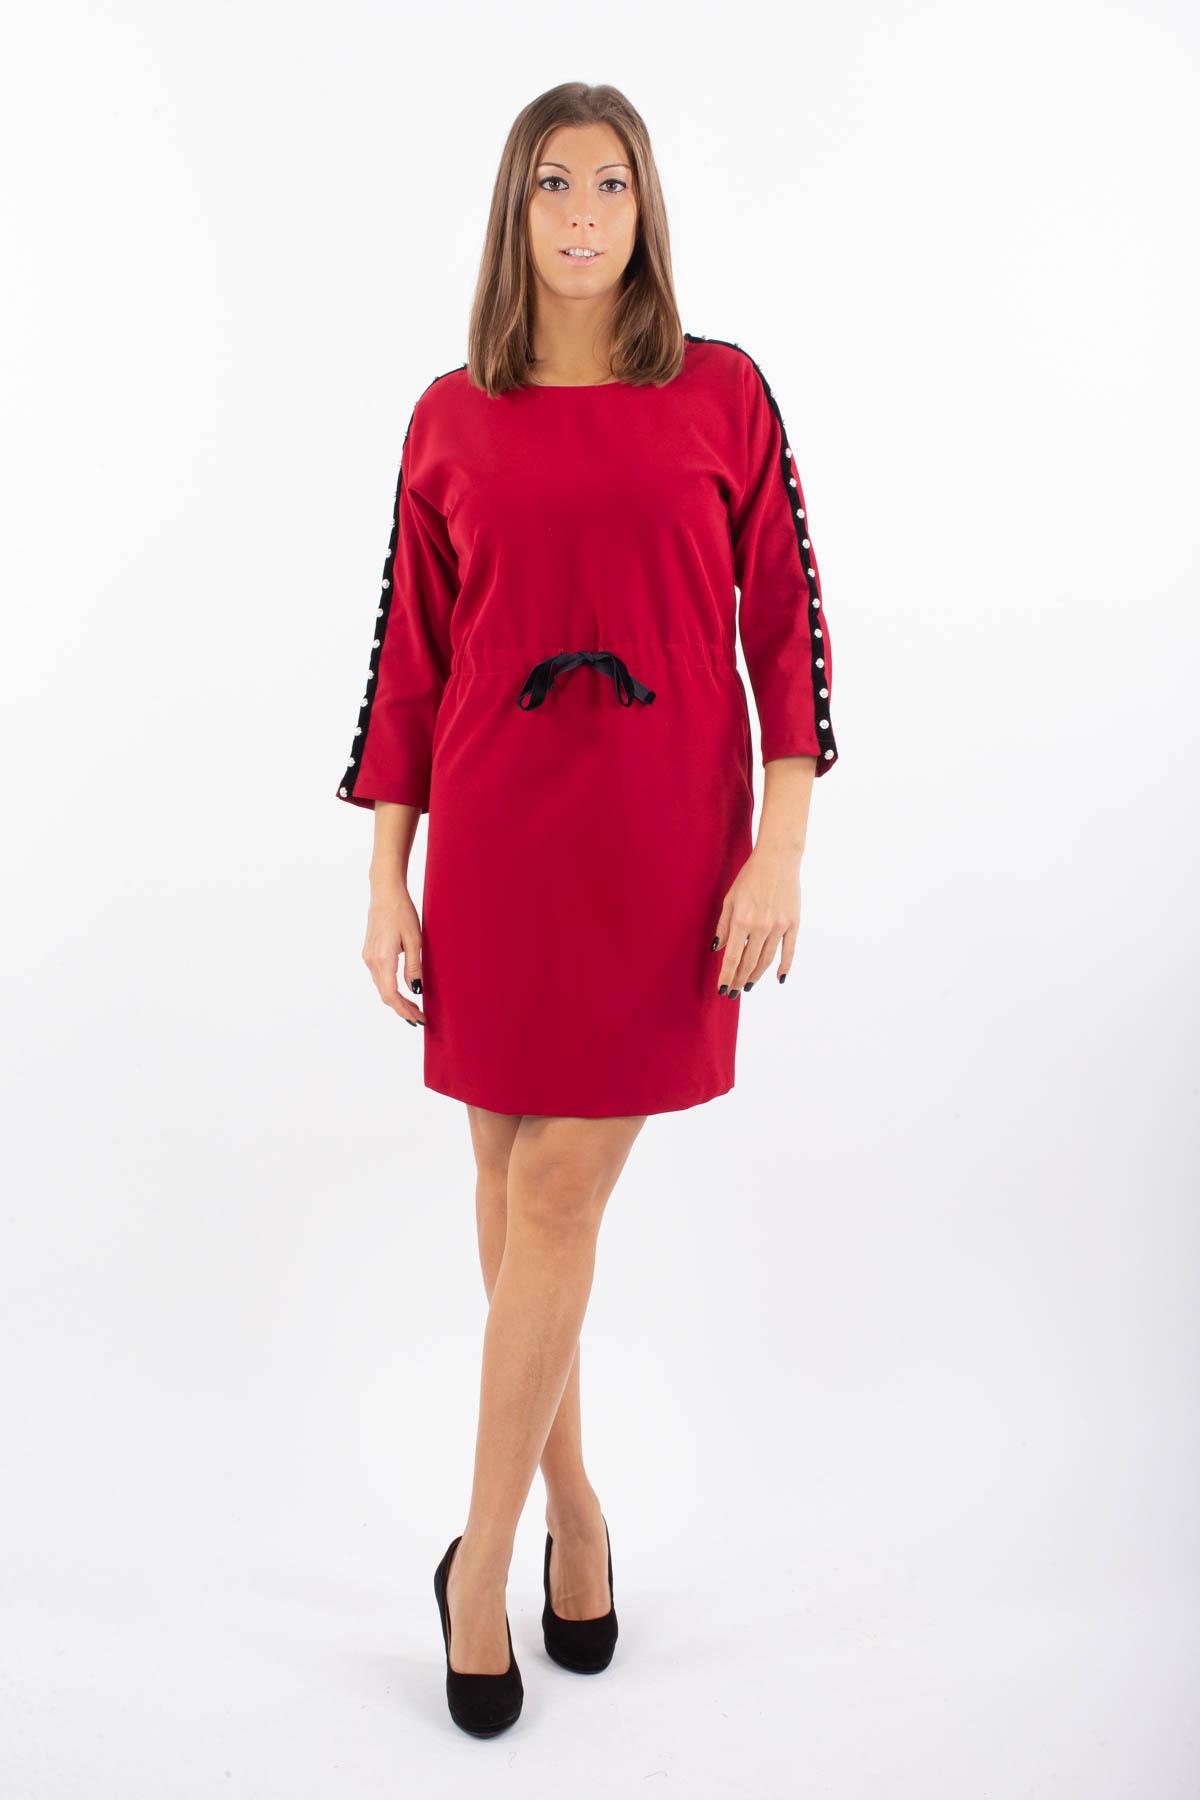 ABITO CON COULISSE IN VITA for women - RED - Paquito Pronto Moda Shop Online